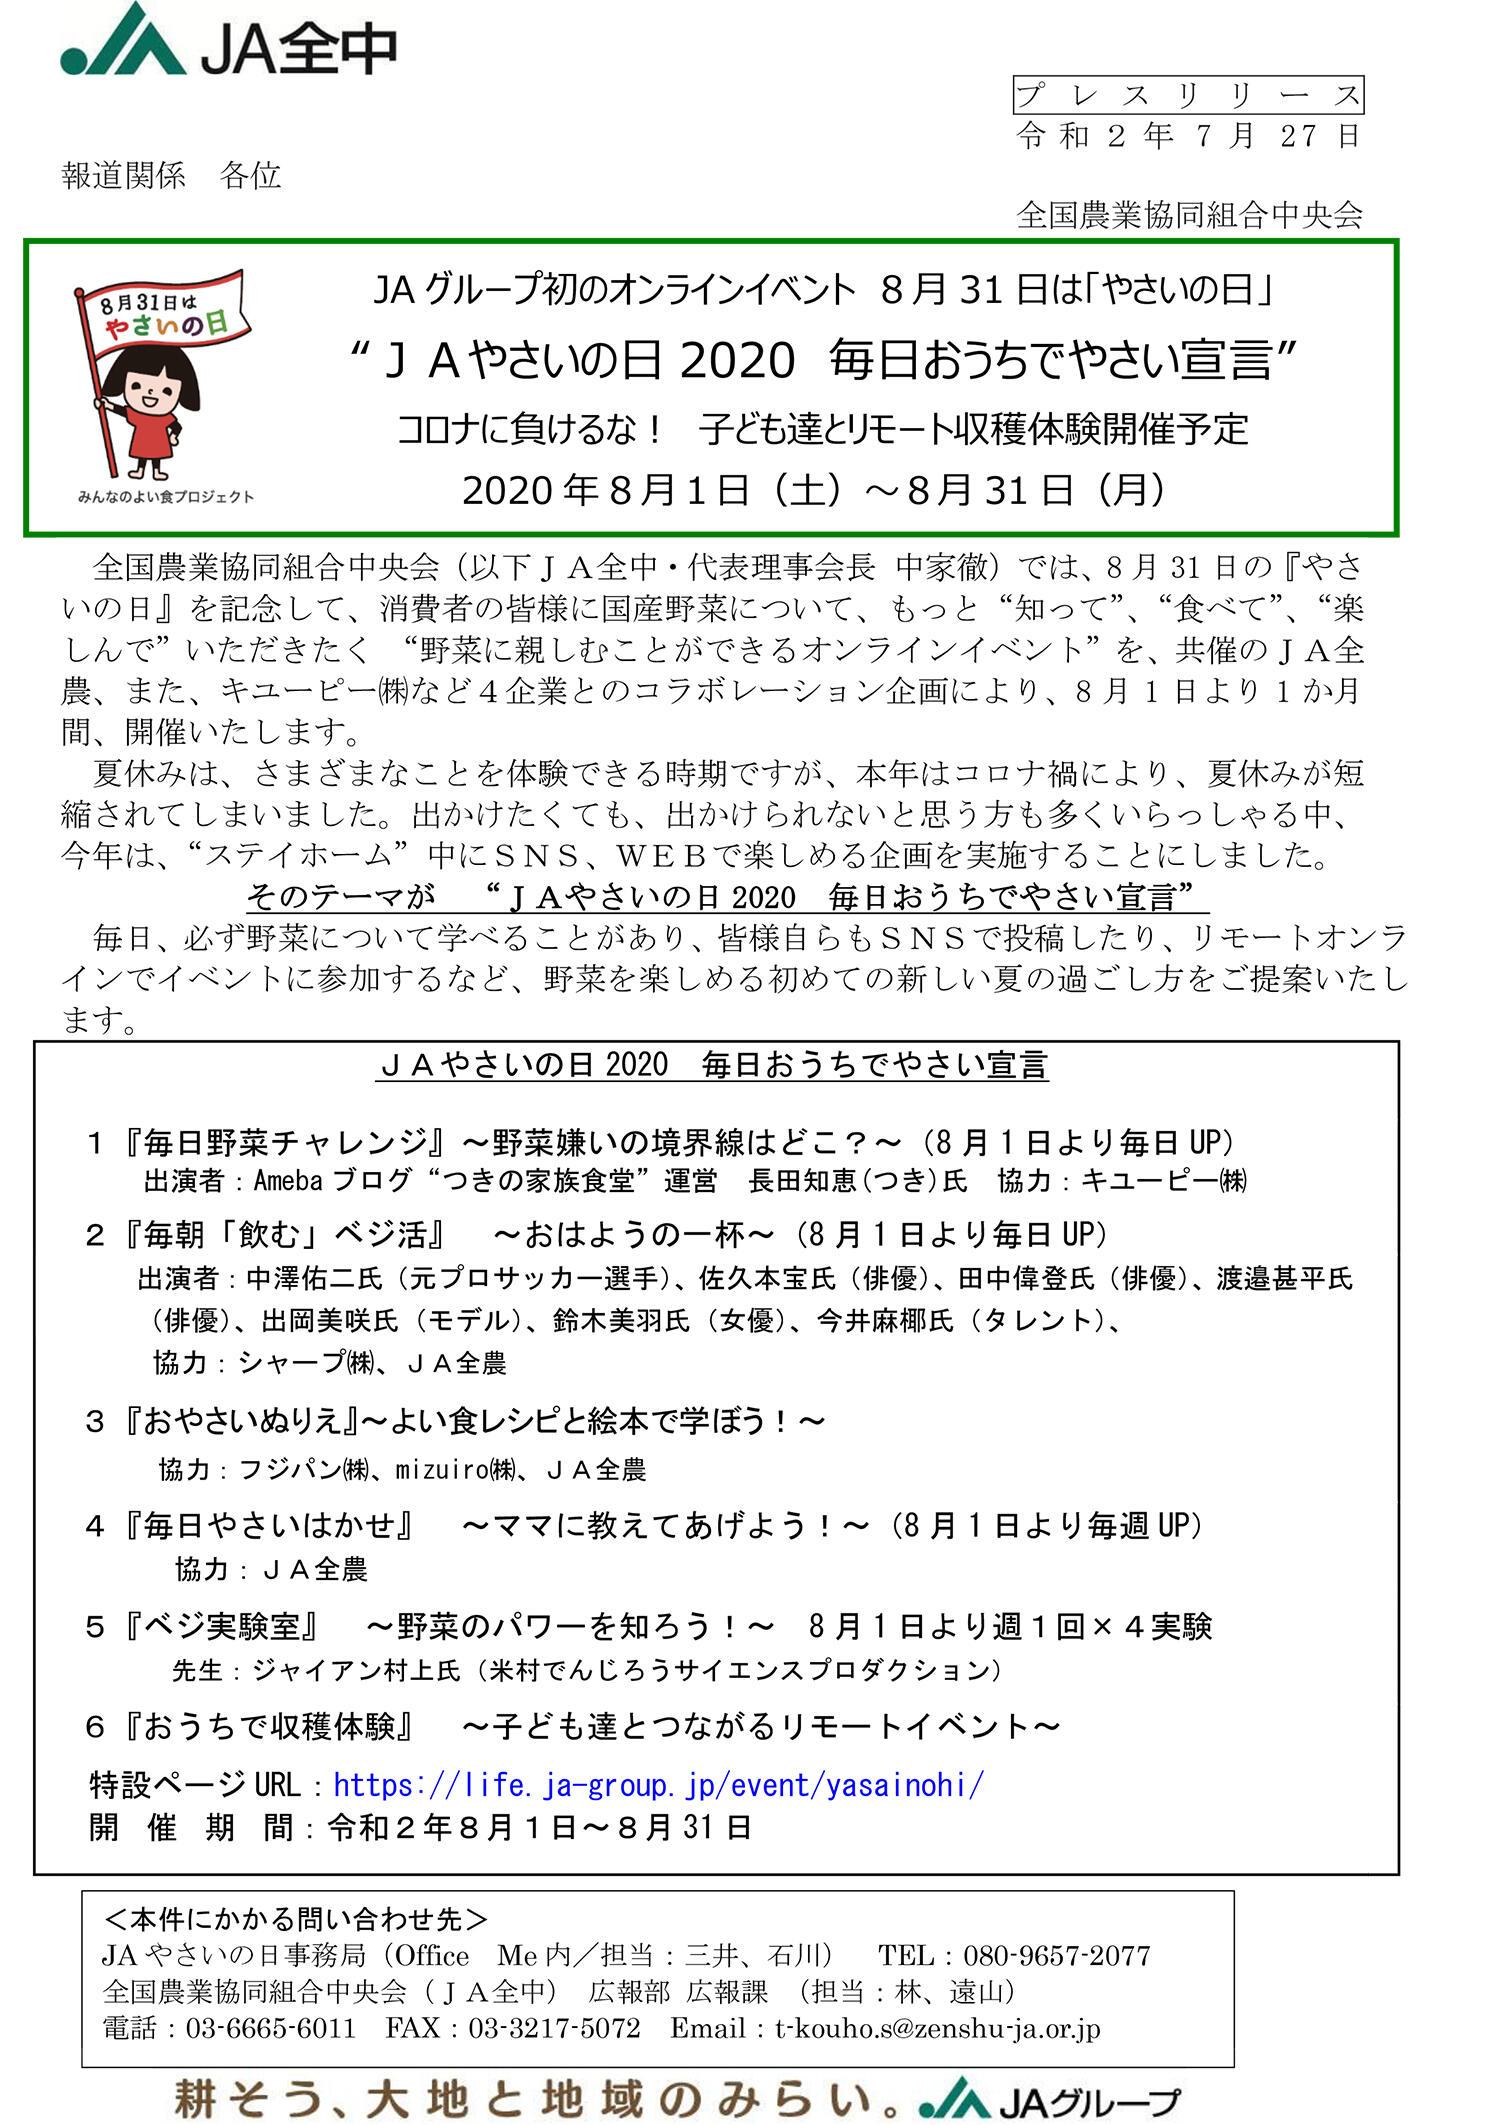 2007271400_■やさいの日リリース2020(決定稿・修正版2)-1.jpg